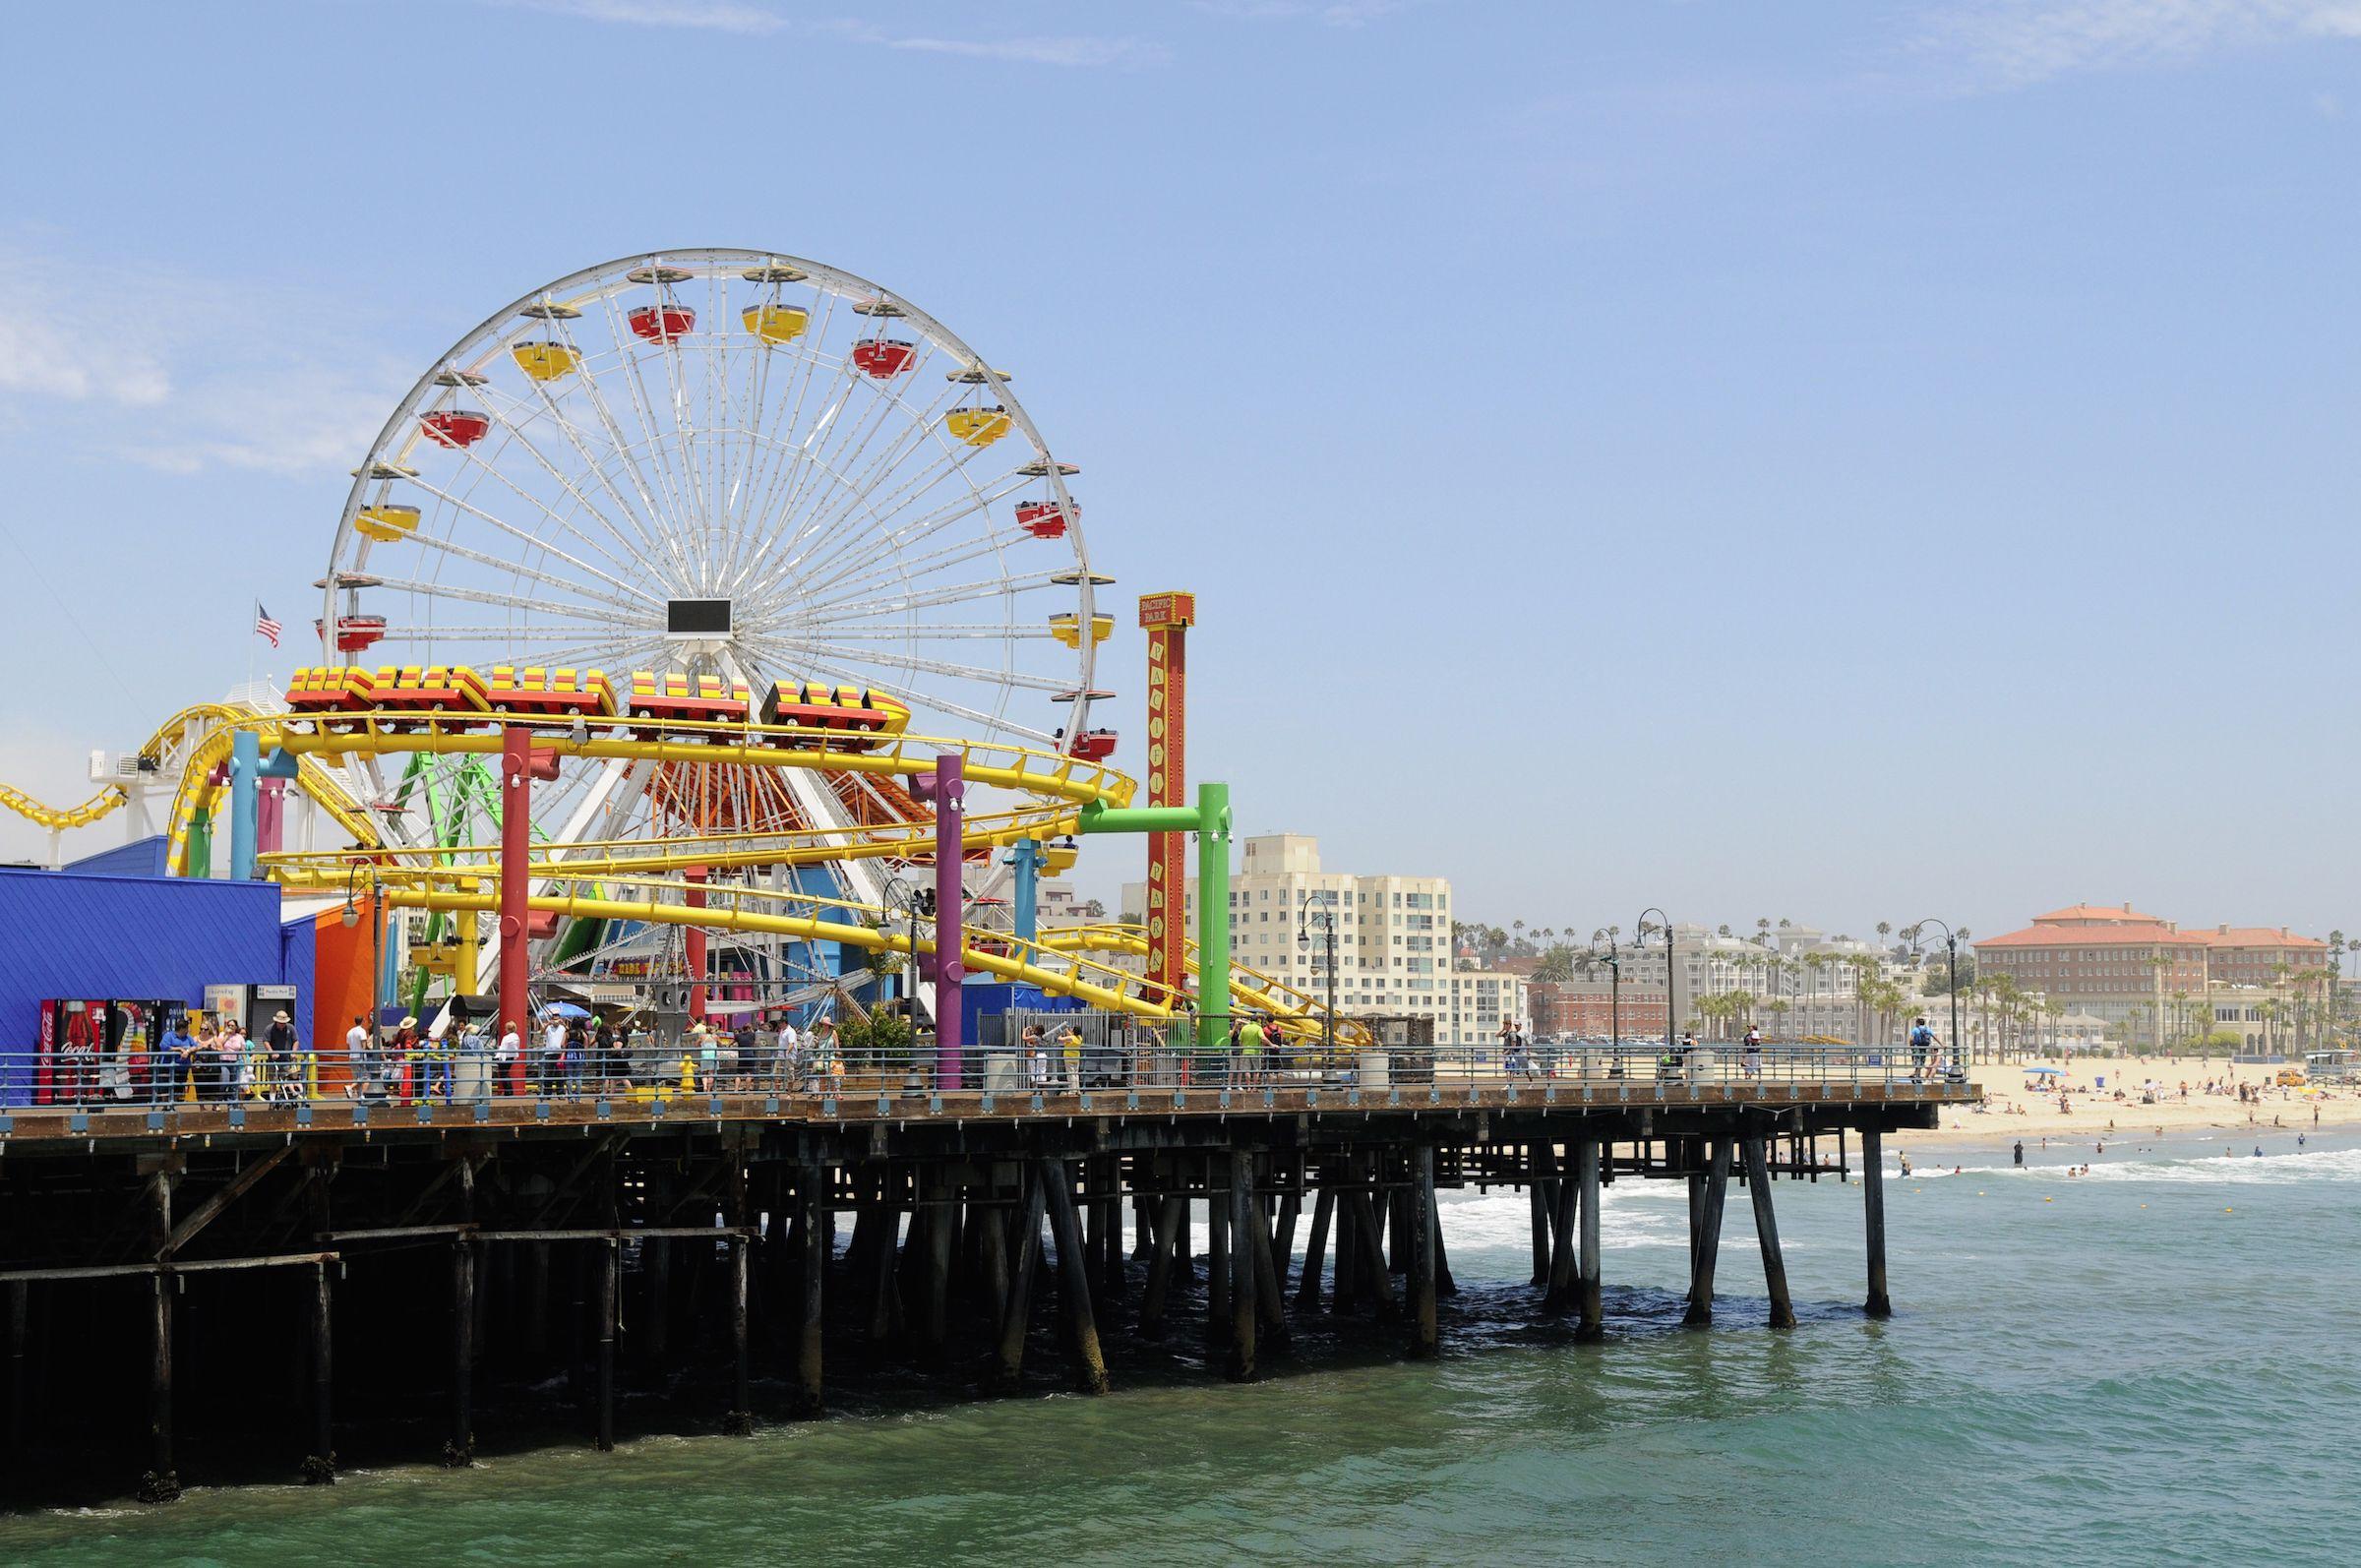 Santa Monica Limousine Tours